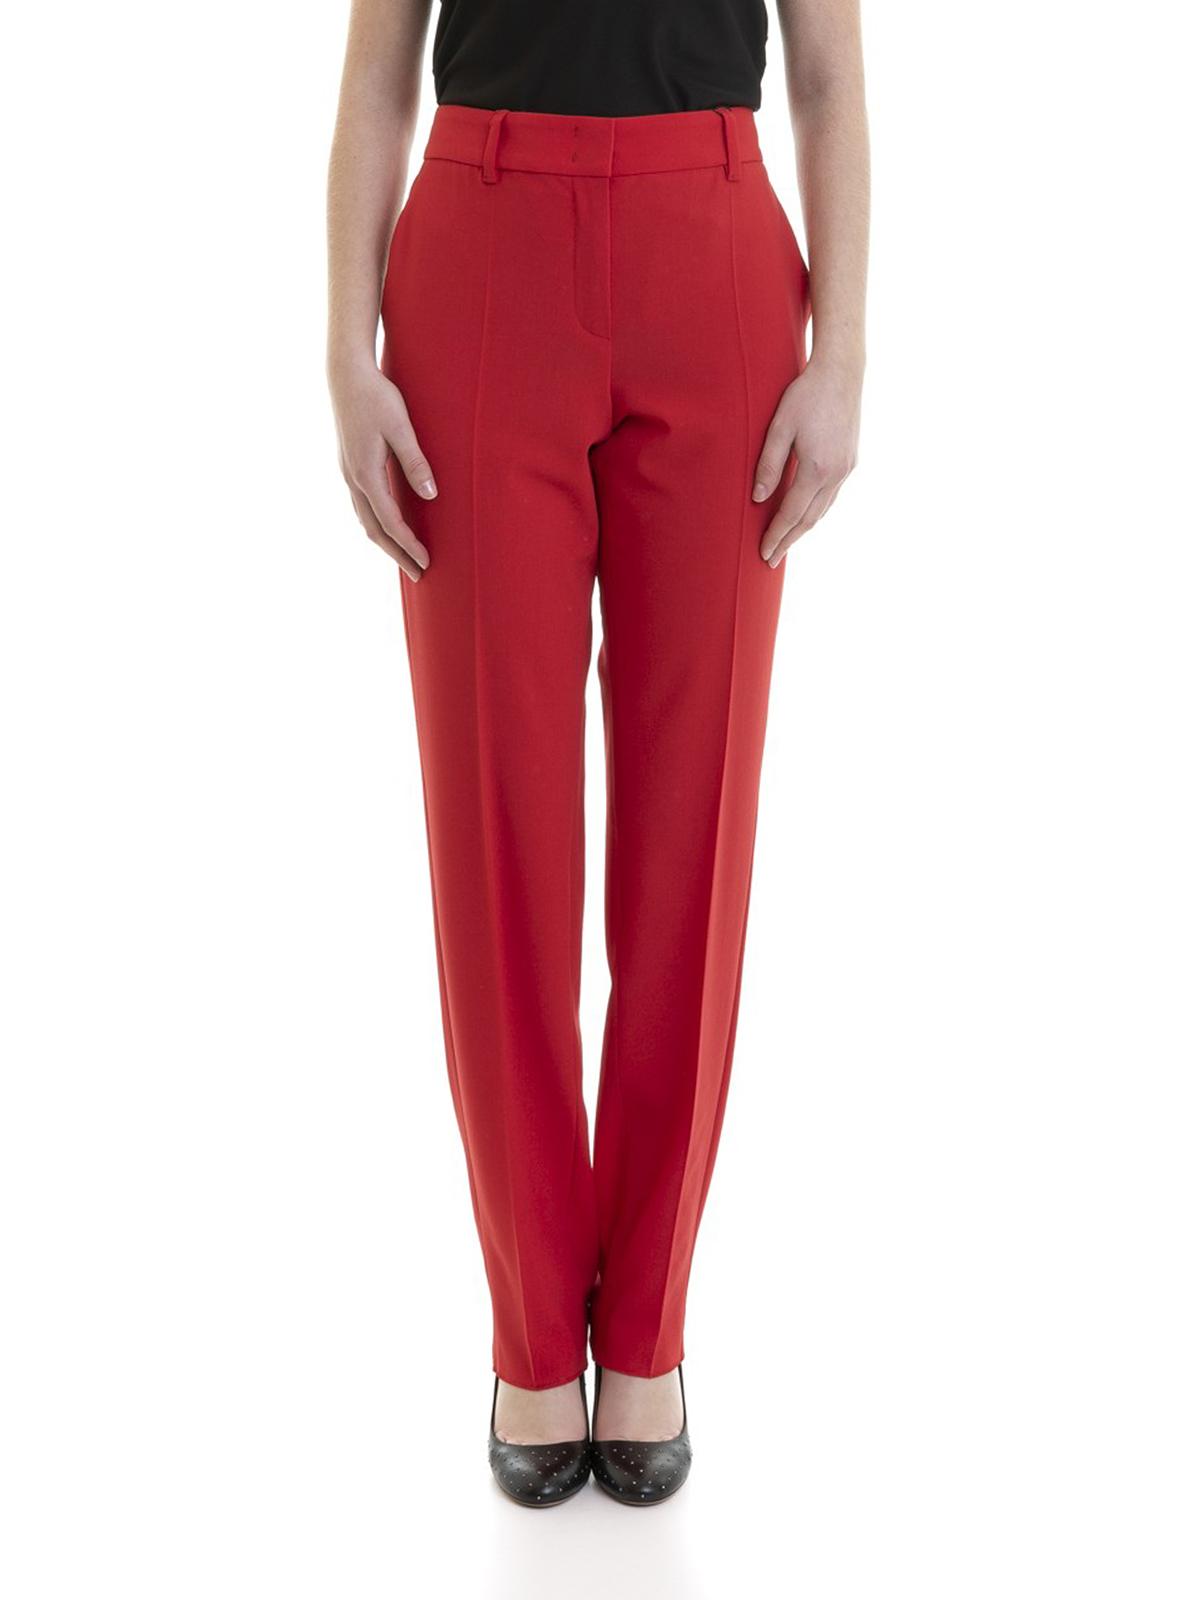 f064a23d12 Donna · Uomo. iKRIX EMPORIO ARMANI: Pantaloni sartoriali - Pantaloni  classici in lana stretch rossi